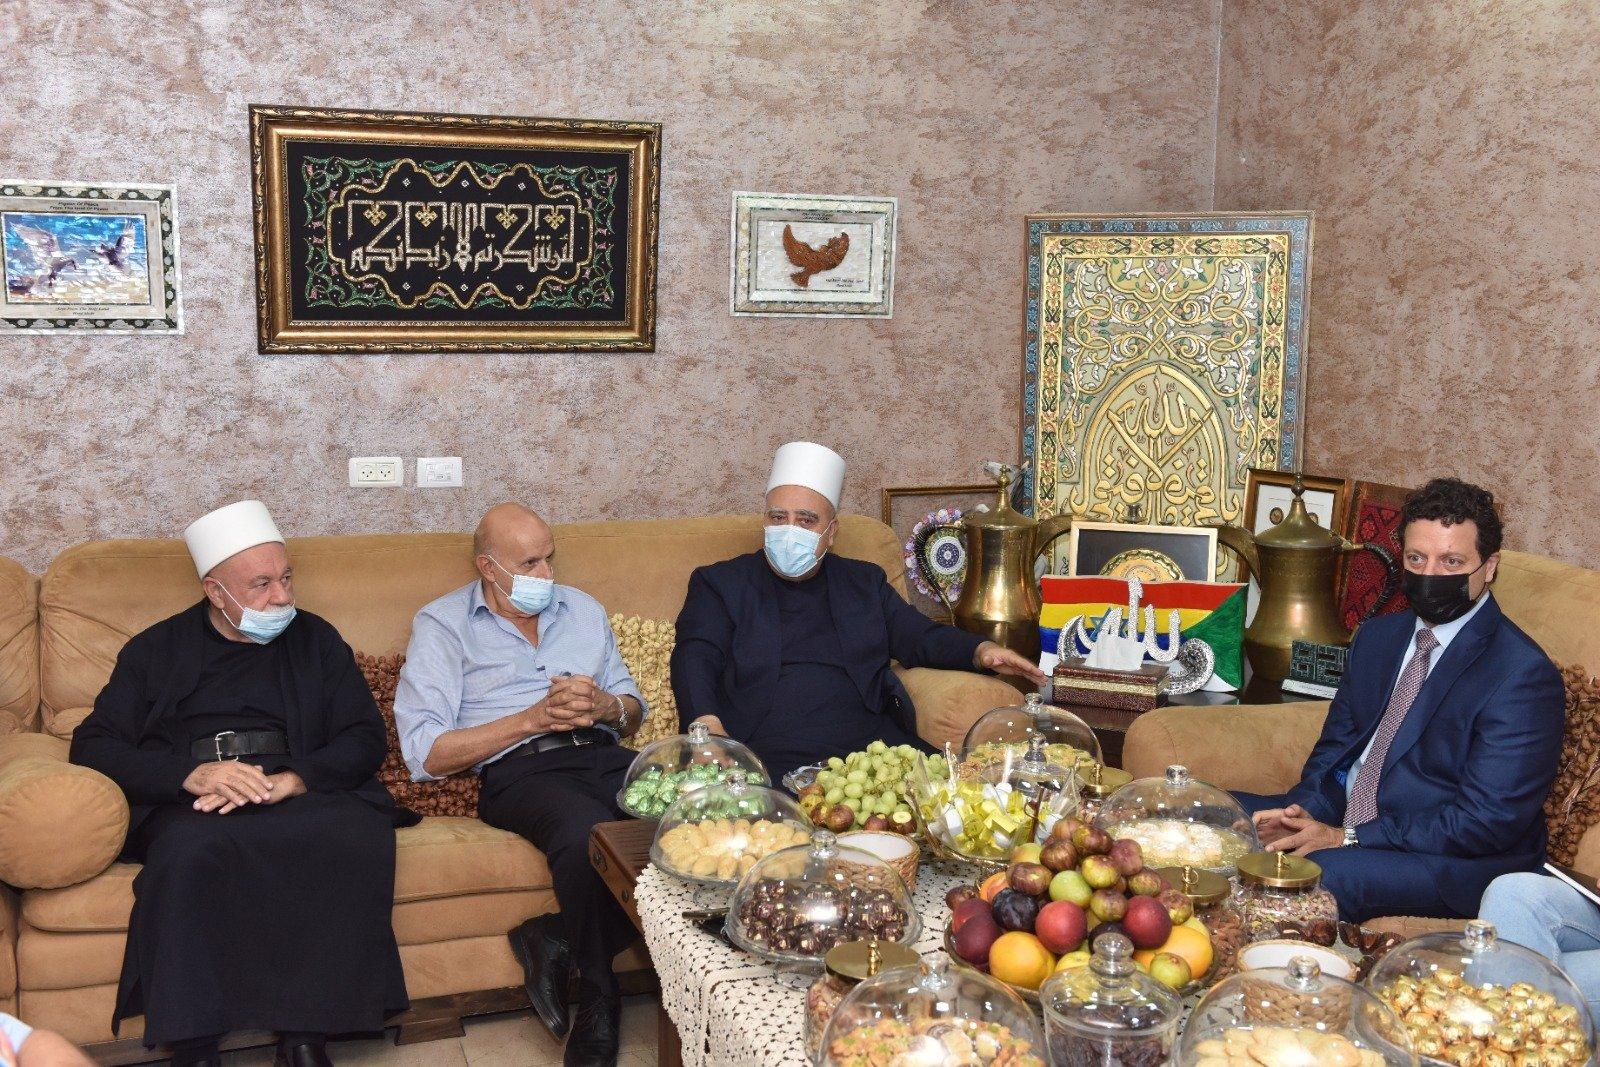 عشية العيد: رئيس مجلس إدارة لئومي د. سامر حاج يحيى يزور الشيخ موفق طريف-4